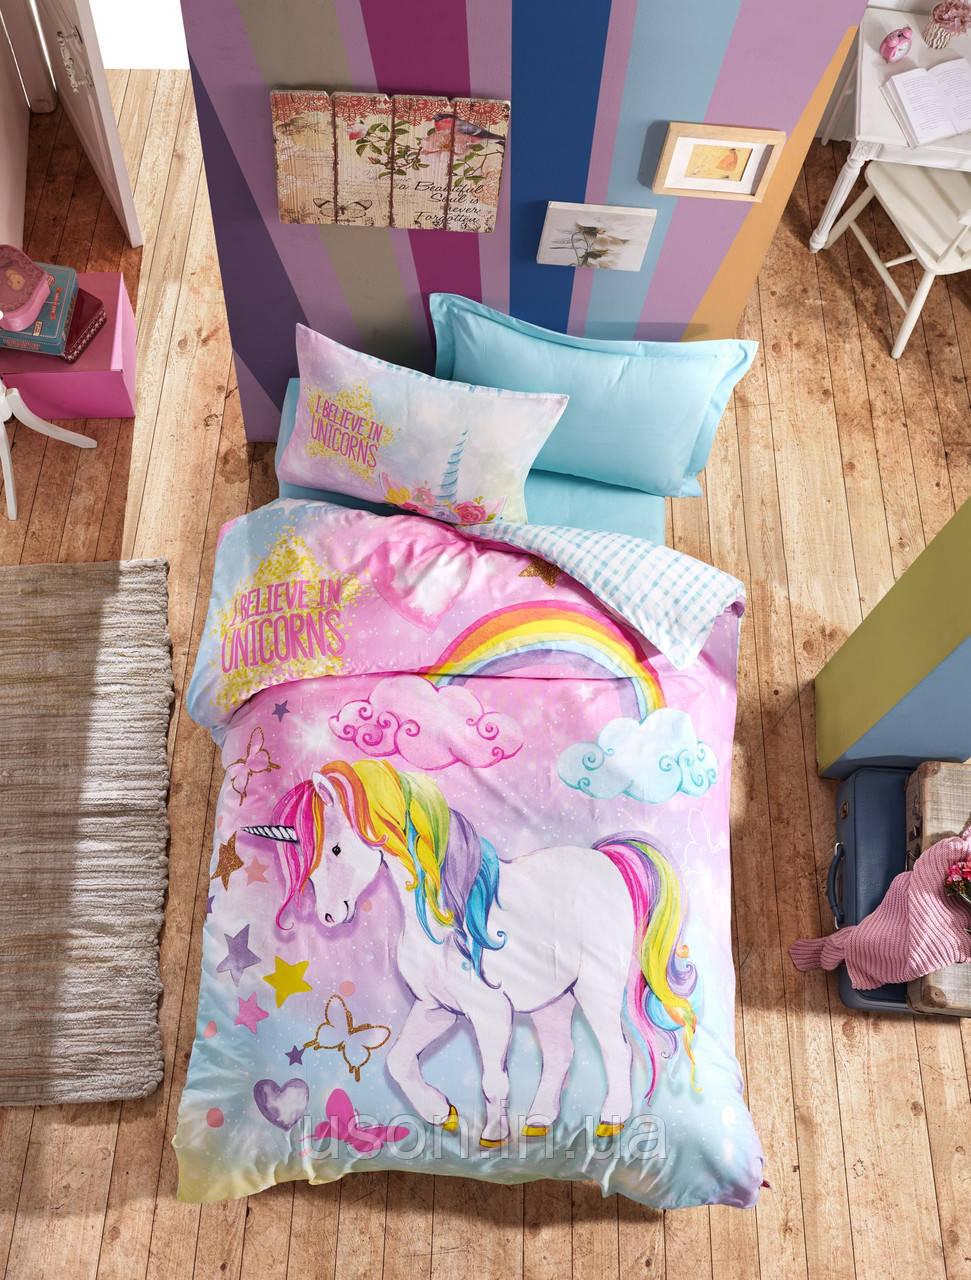 Комплект постельного белья подросток Тм Cotton box Dreams